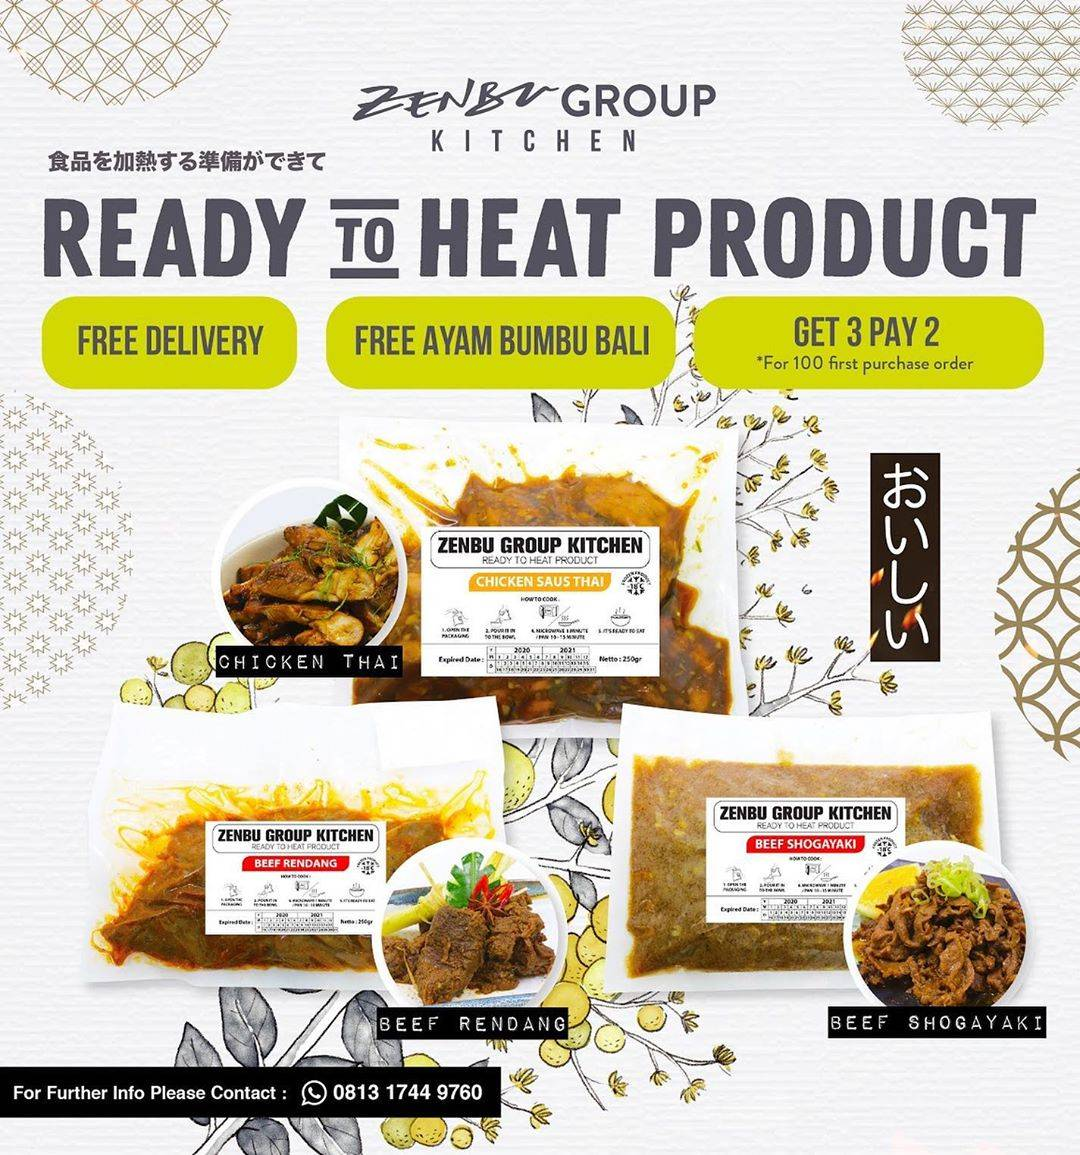 Zenbu Group Kitchen Promo Gratis Ayam Bumbu Bali, Buy 2 Get 3, Gratis Ongkir